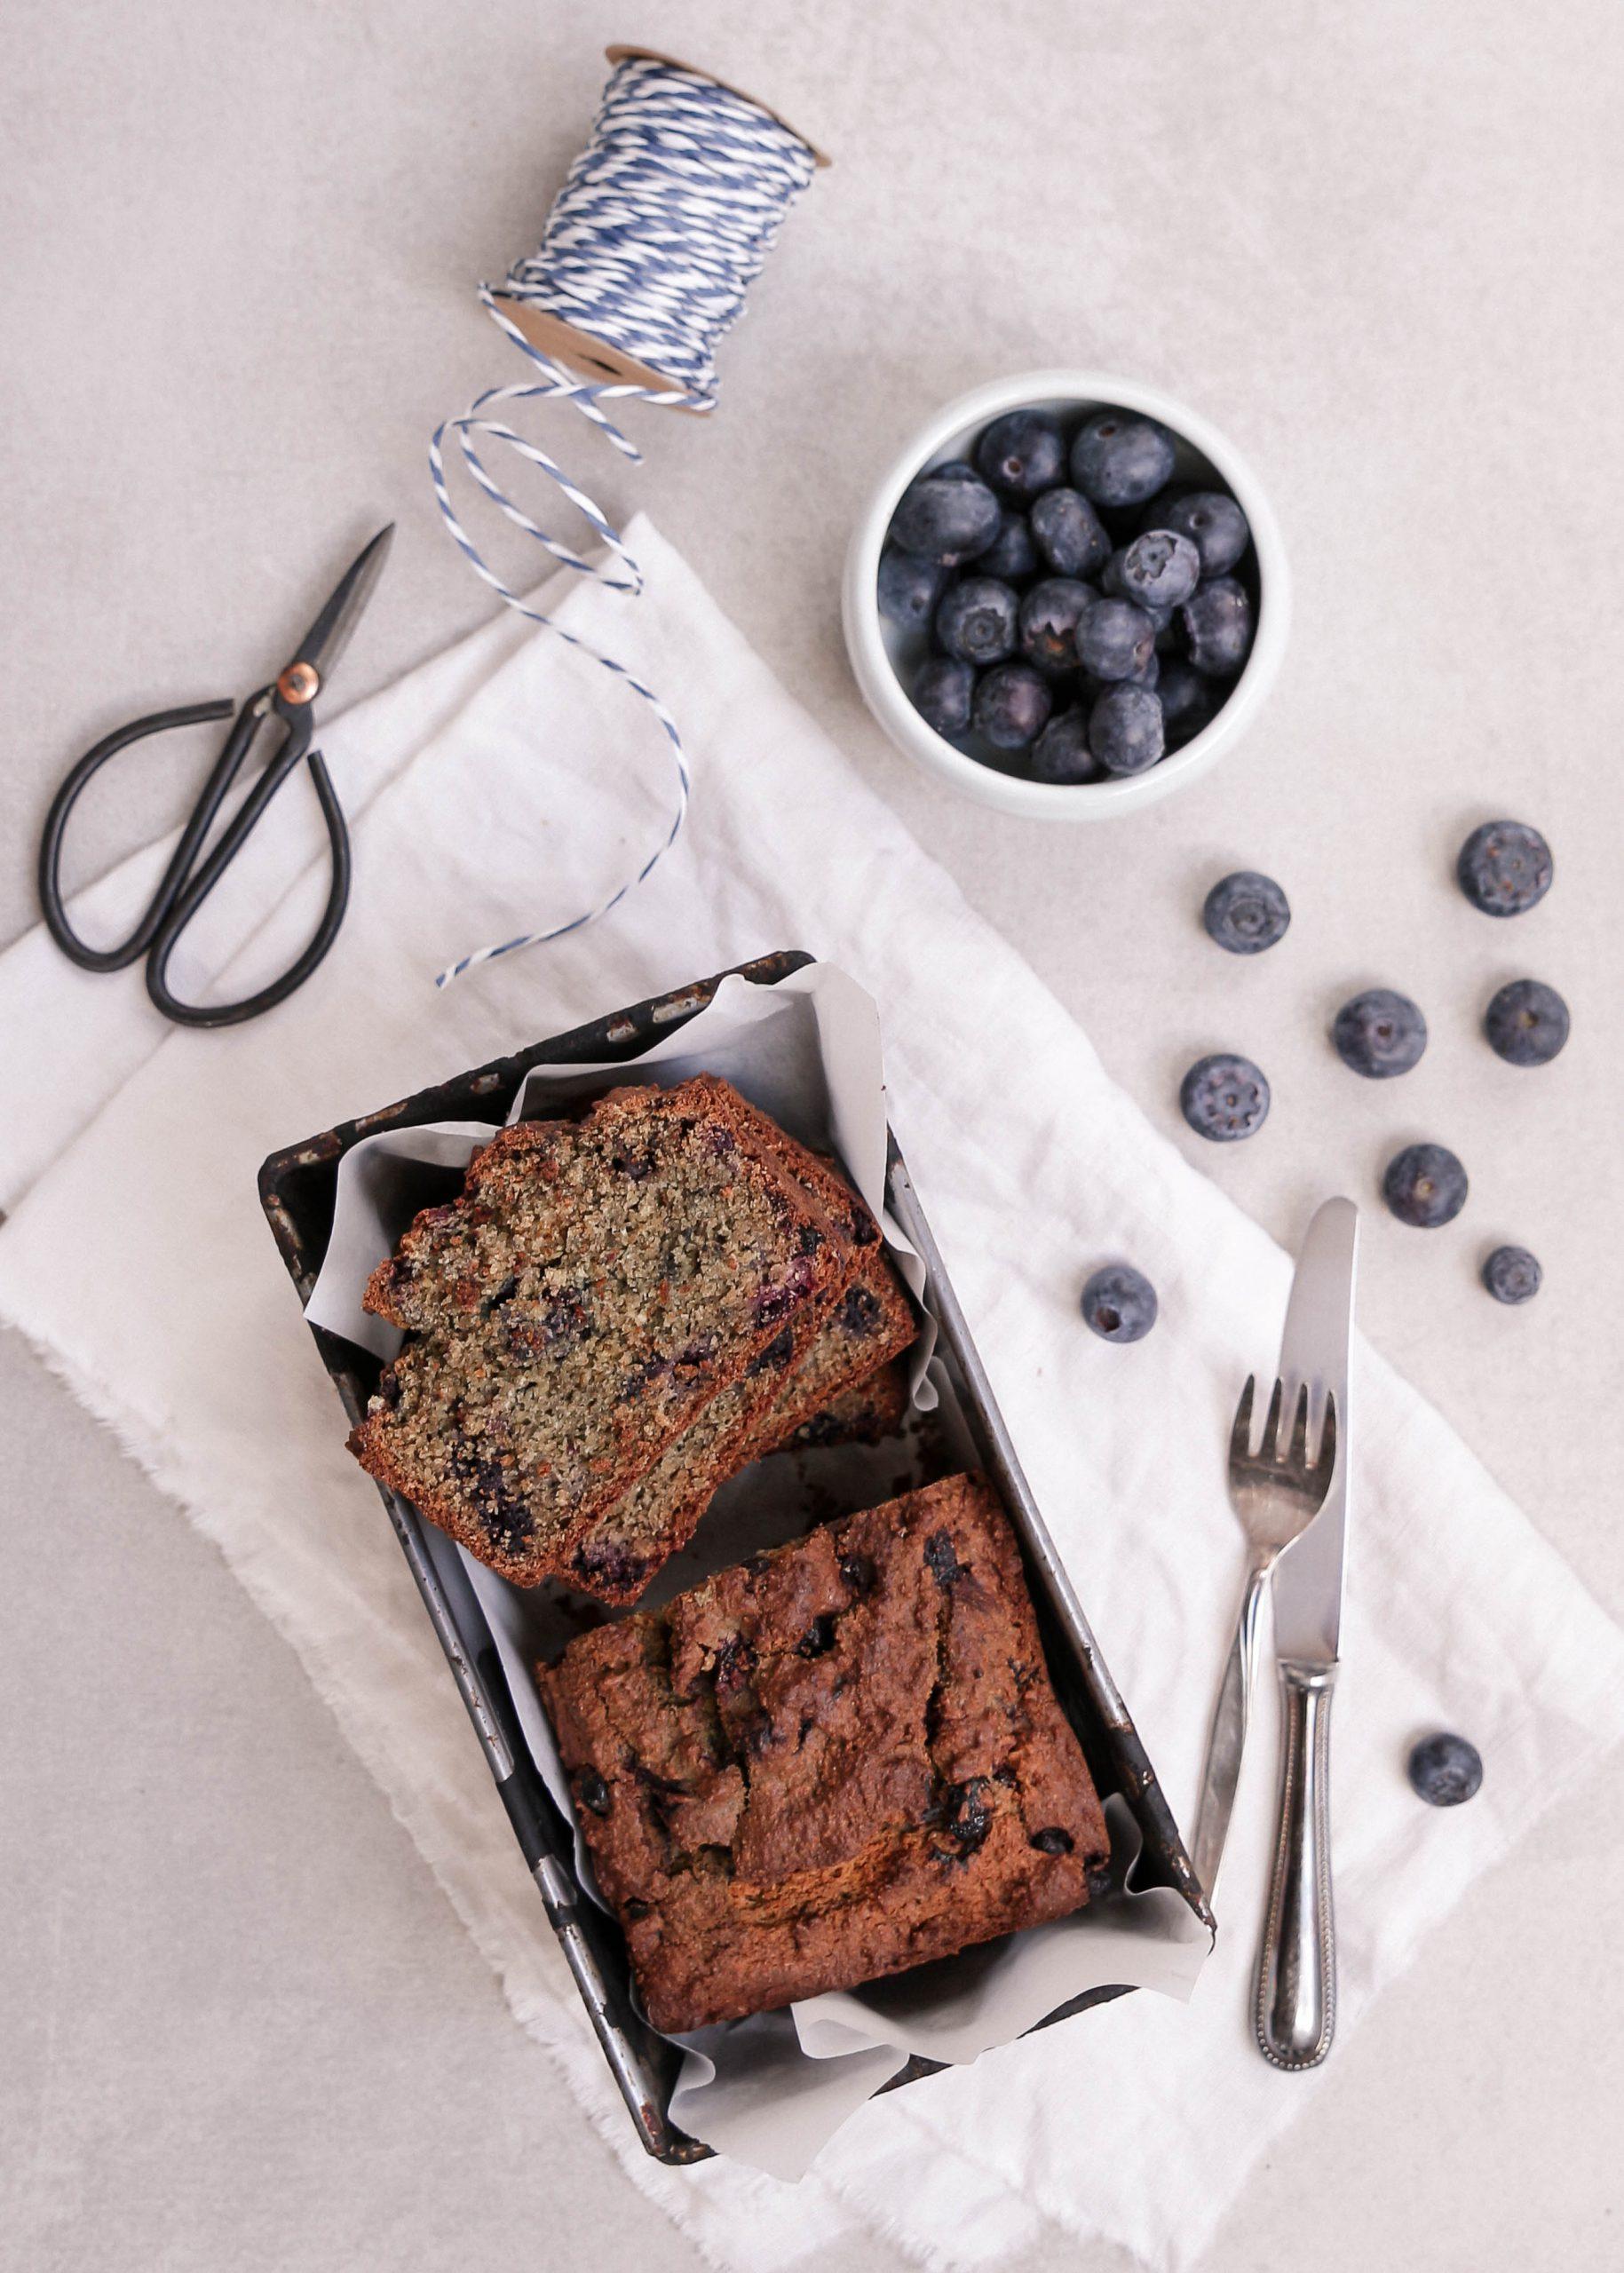 Zum Frühstück oder zwischendurch: Blueberry Bread ohne Zucker